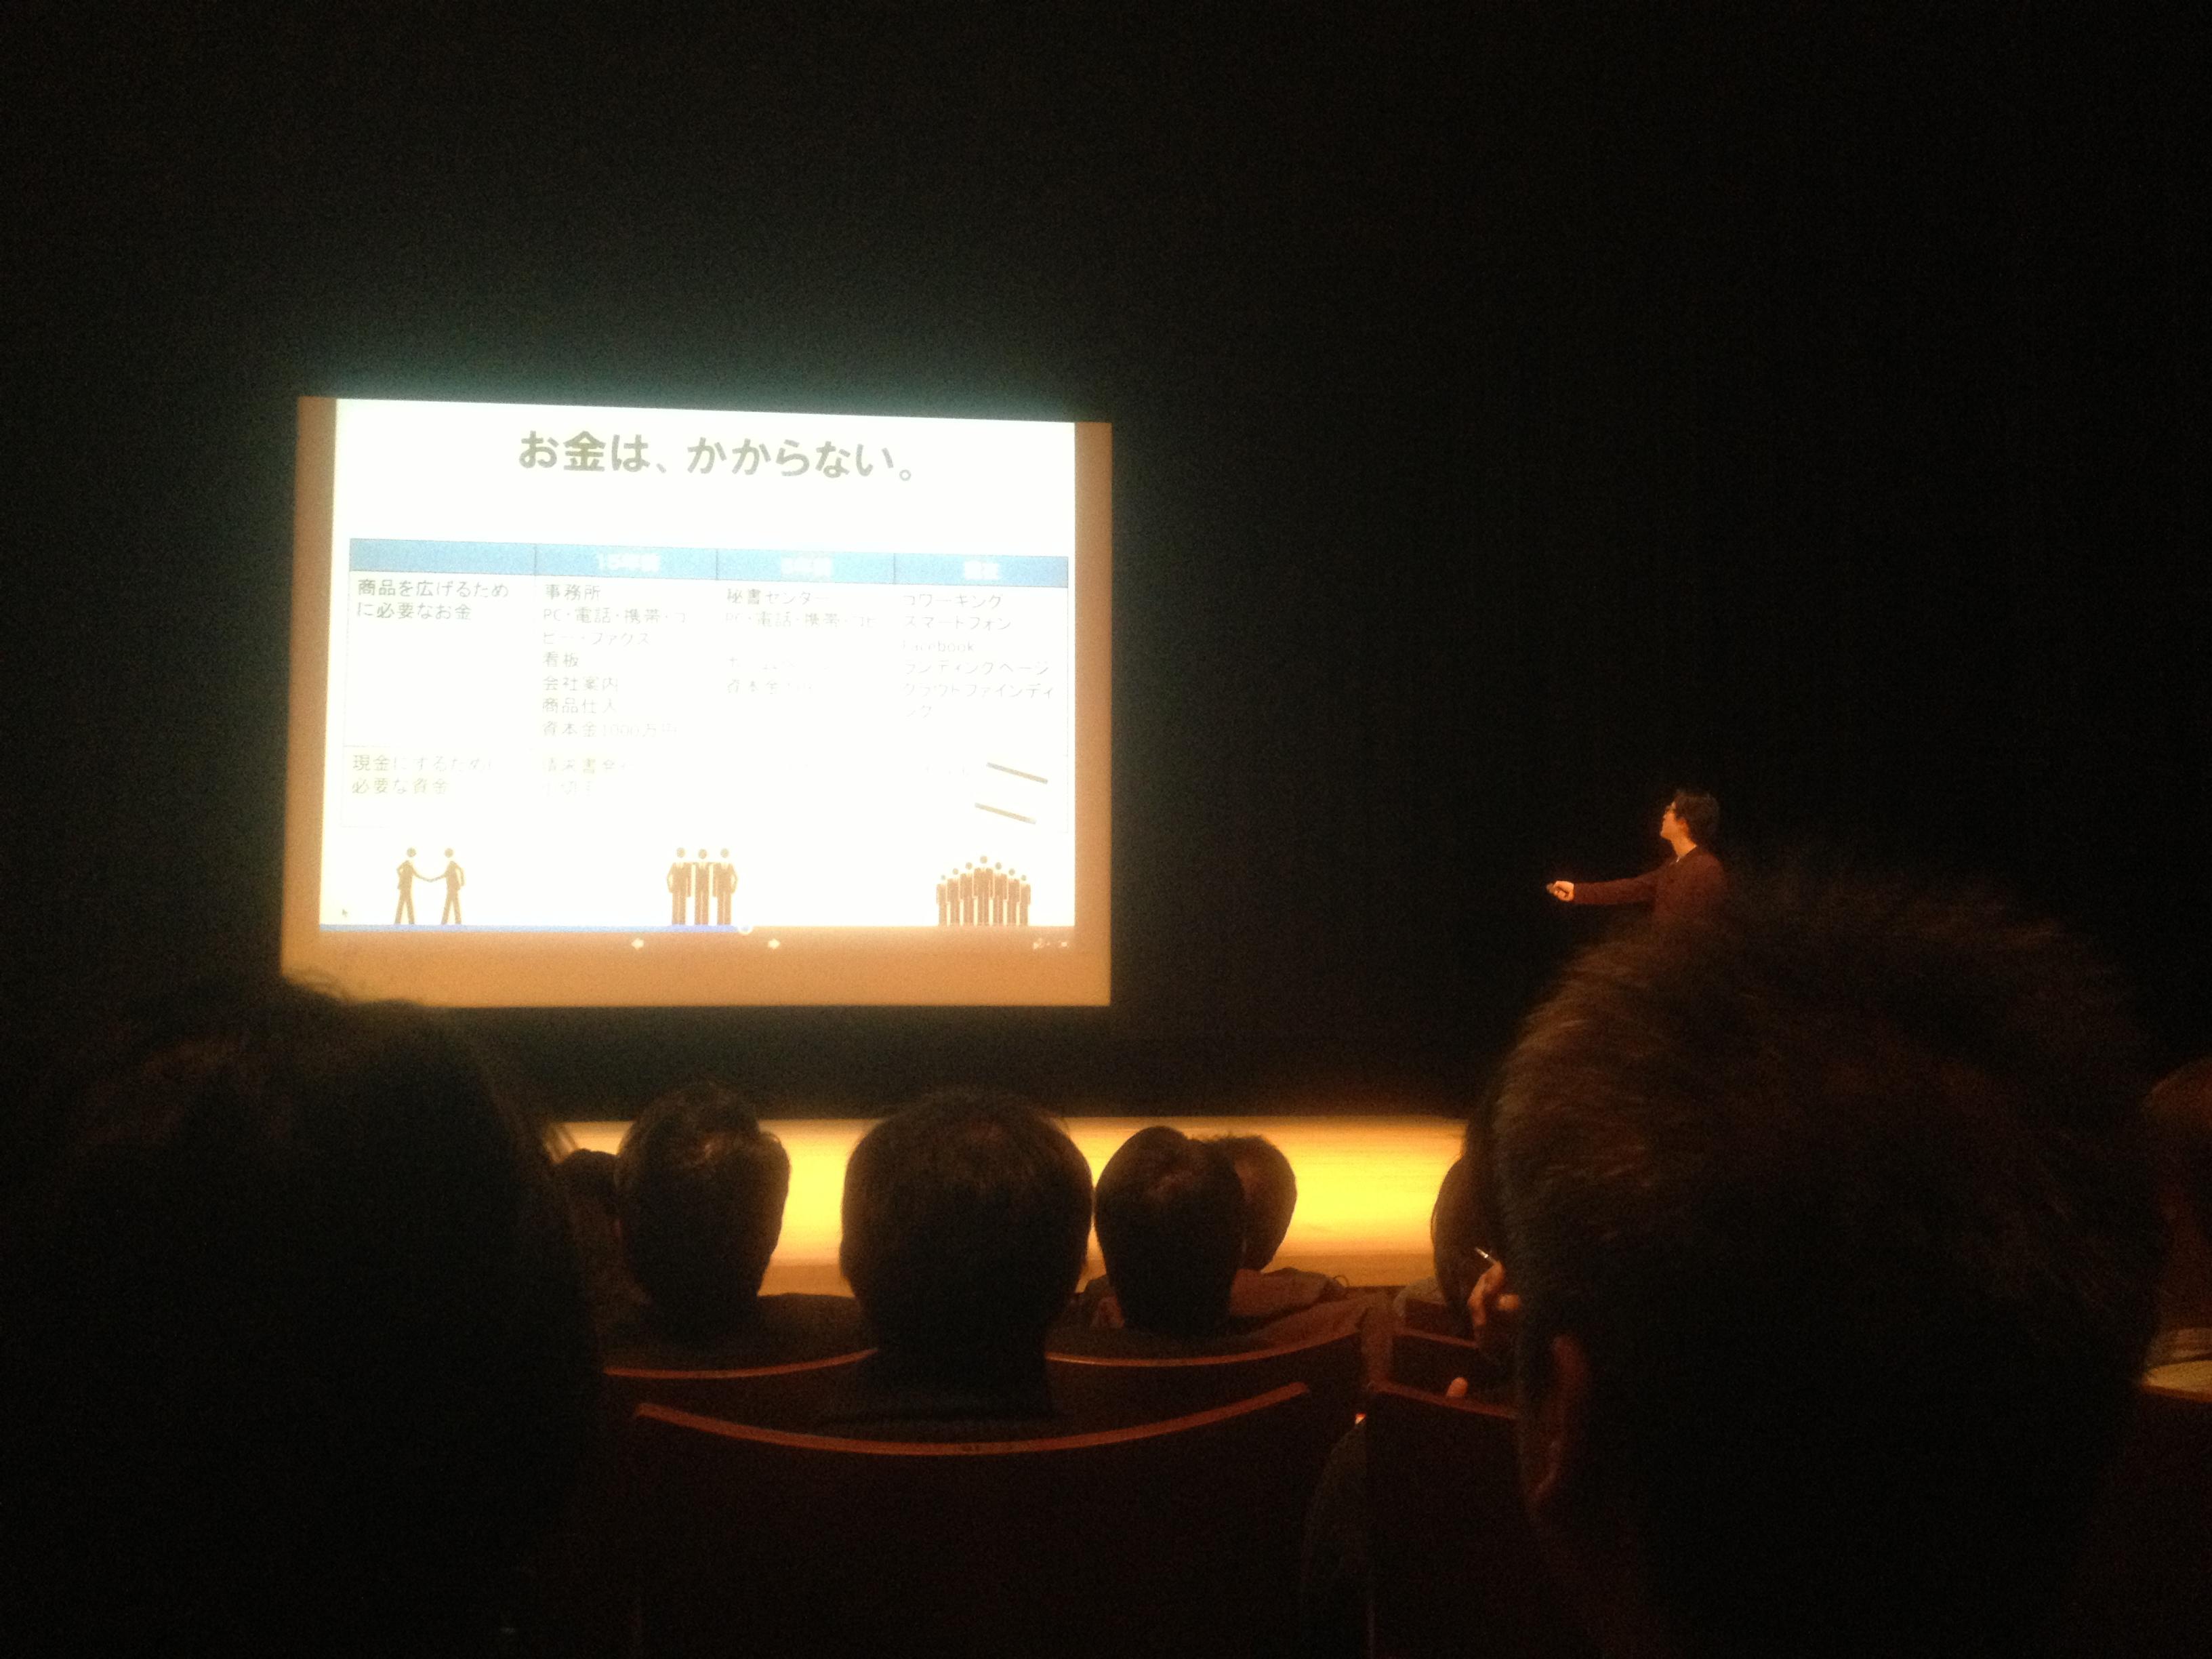 2014年版、神田昌典「2022」全国講演会